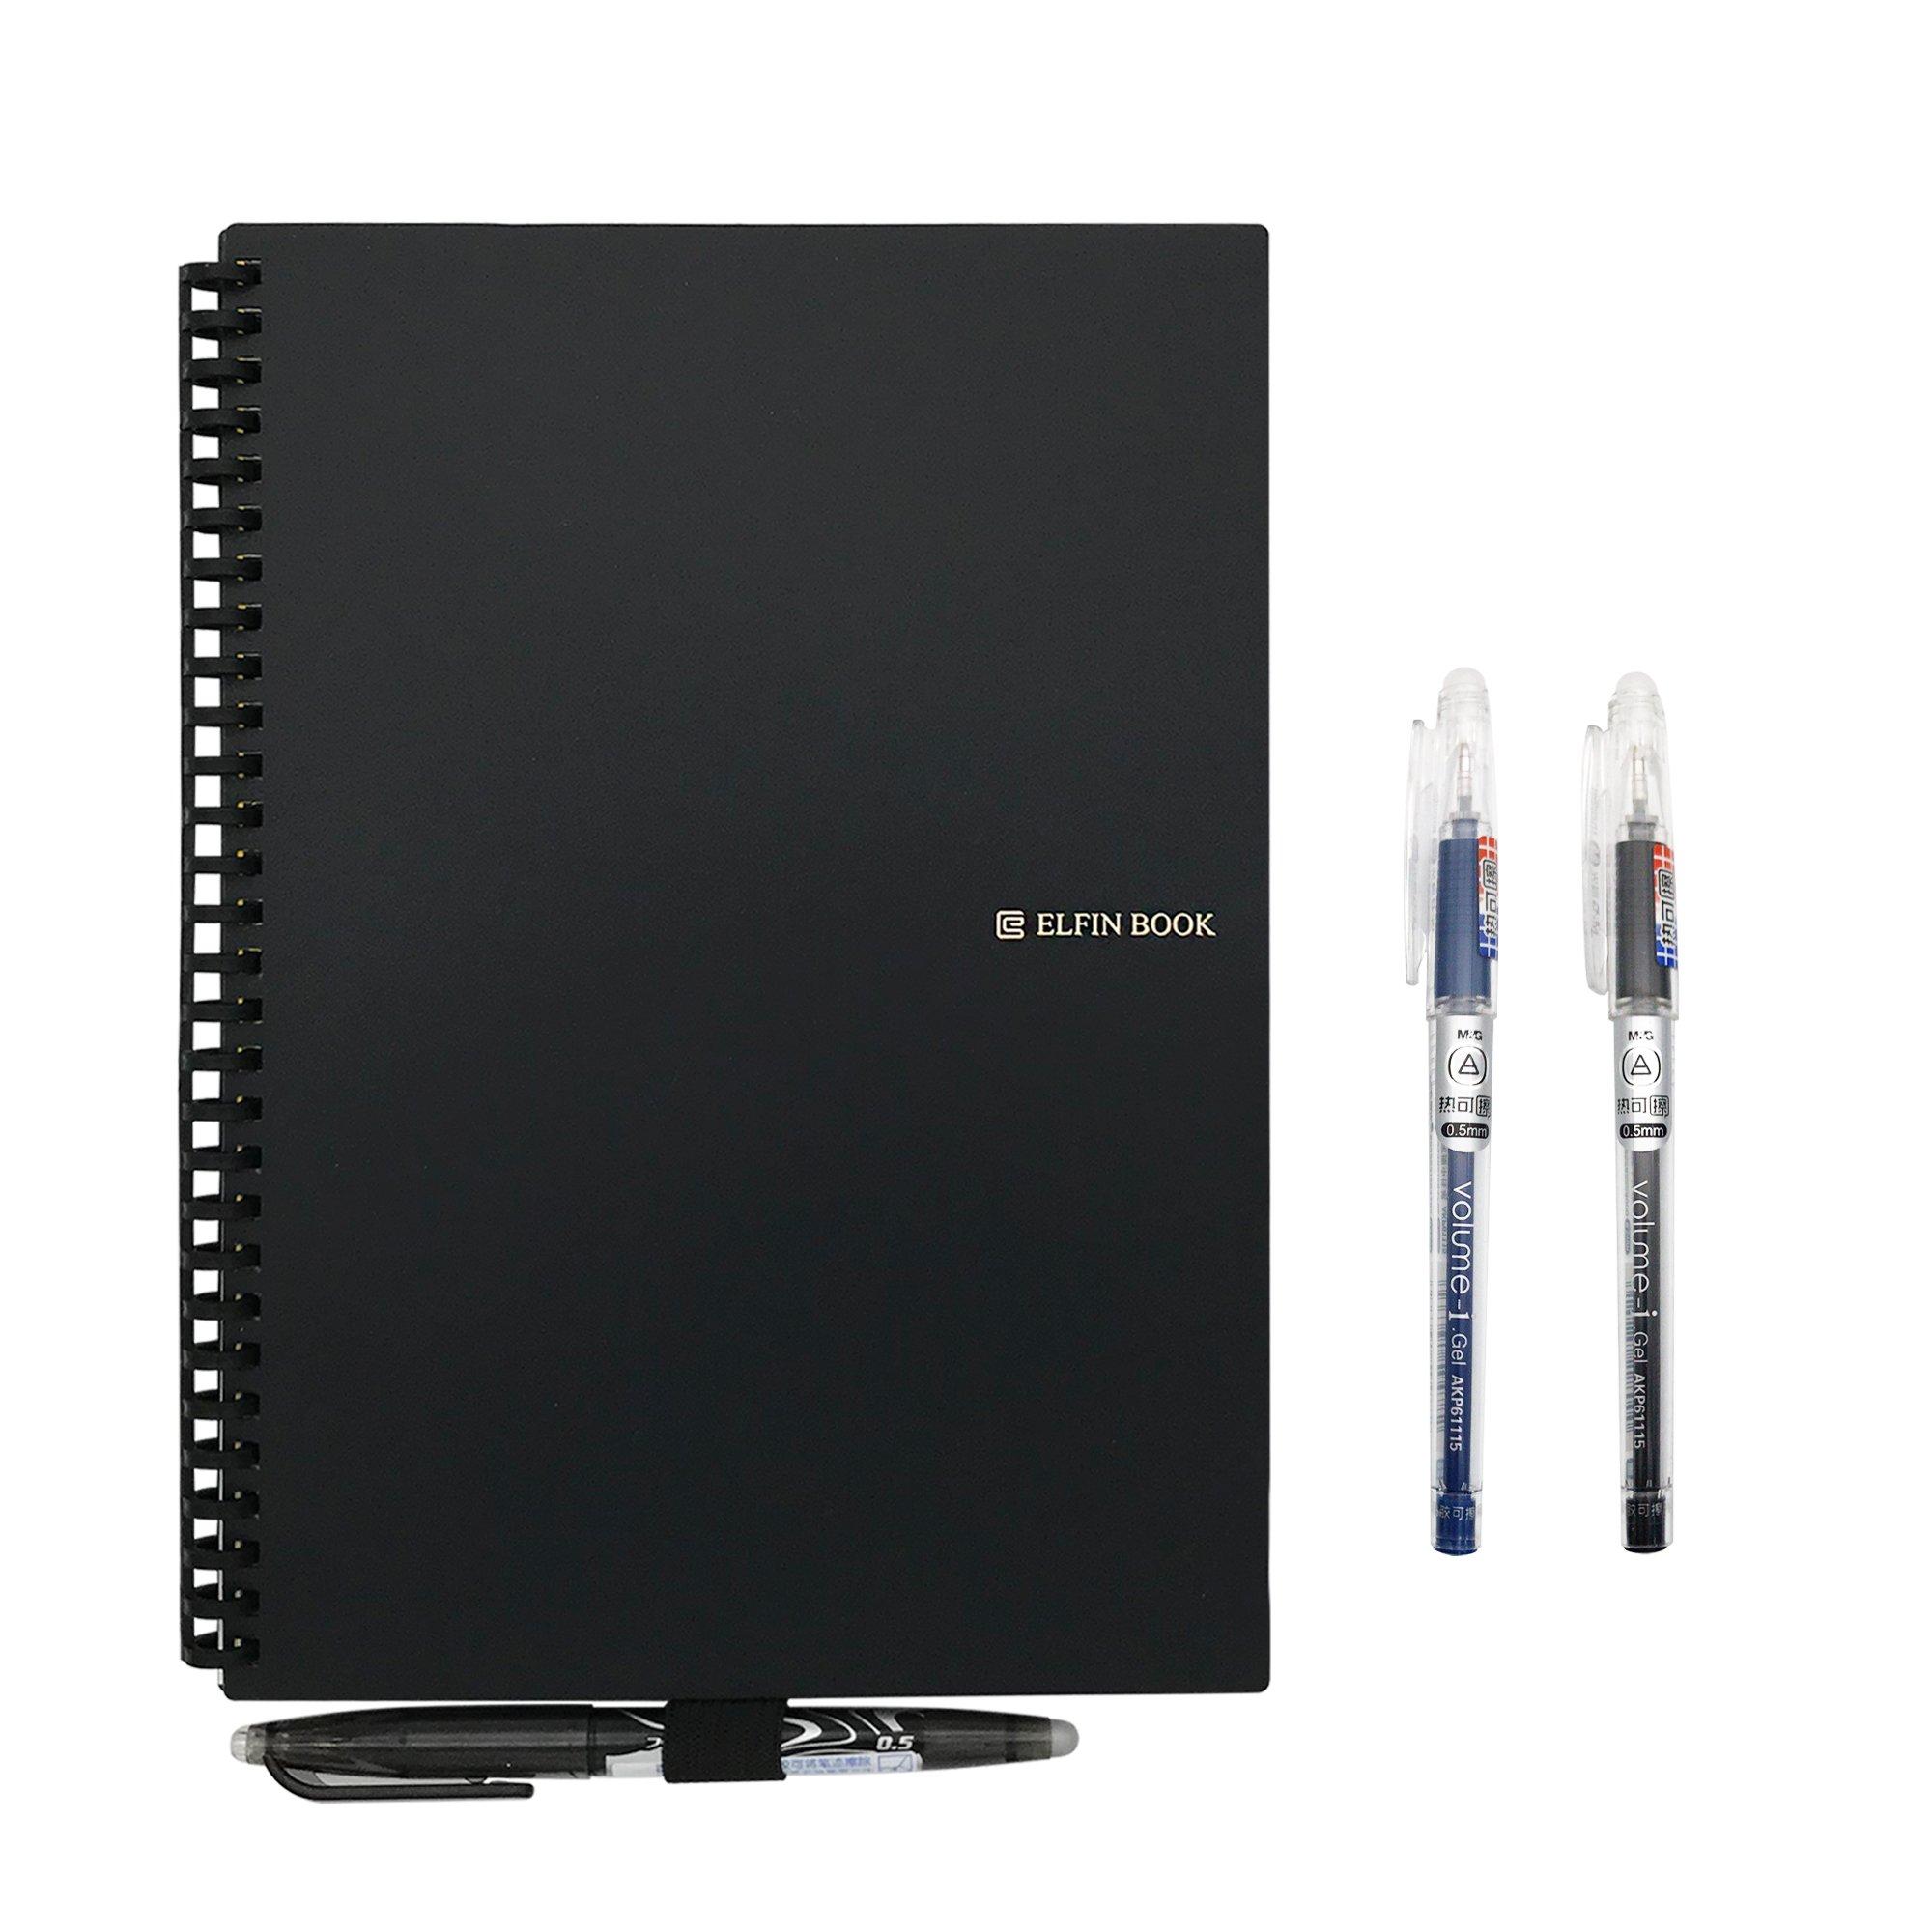 [2018 UPGRADED] Newest Version Elfinbook Smart Wirebound Notebook, Cloud Storage App Notebook, Erasable, Reusable 500+, Water-to-Erase - B5 6.9''x9.8'' (black)